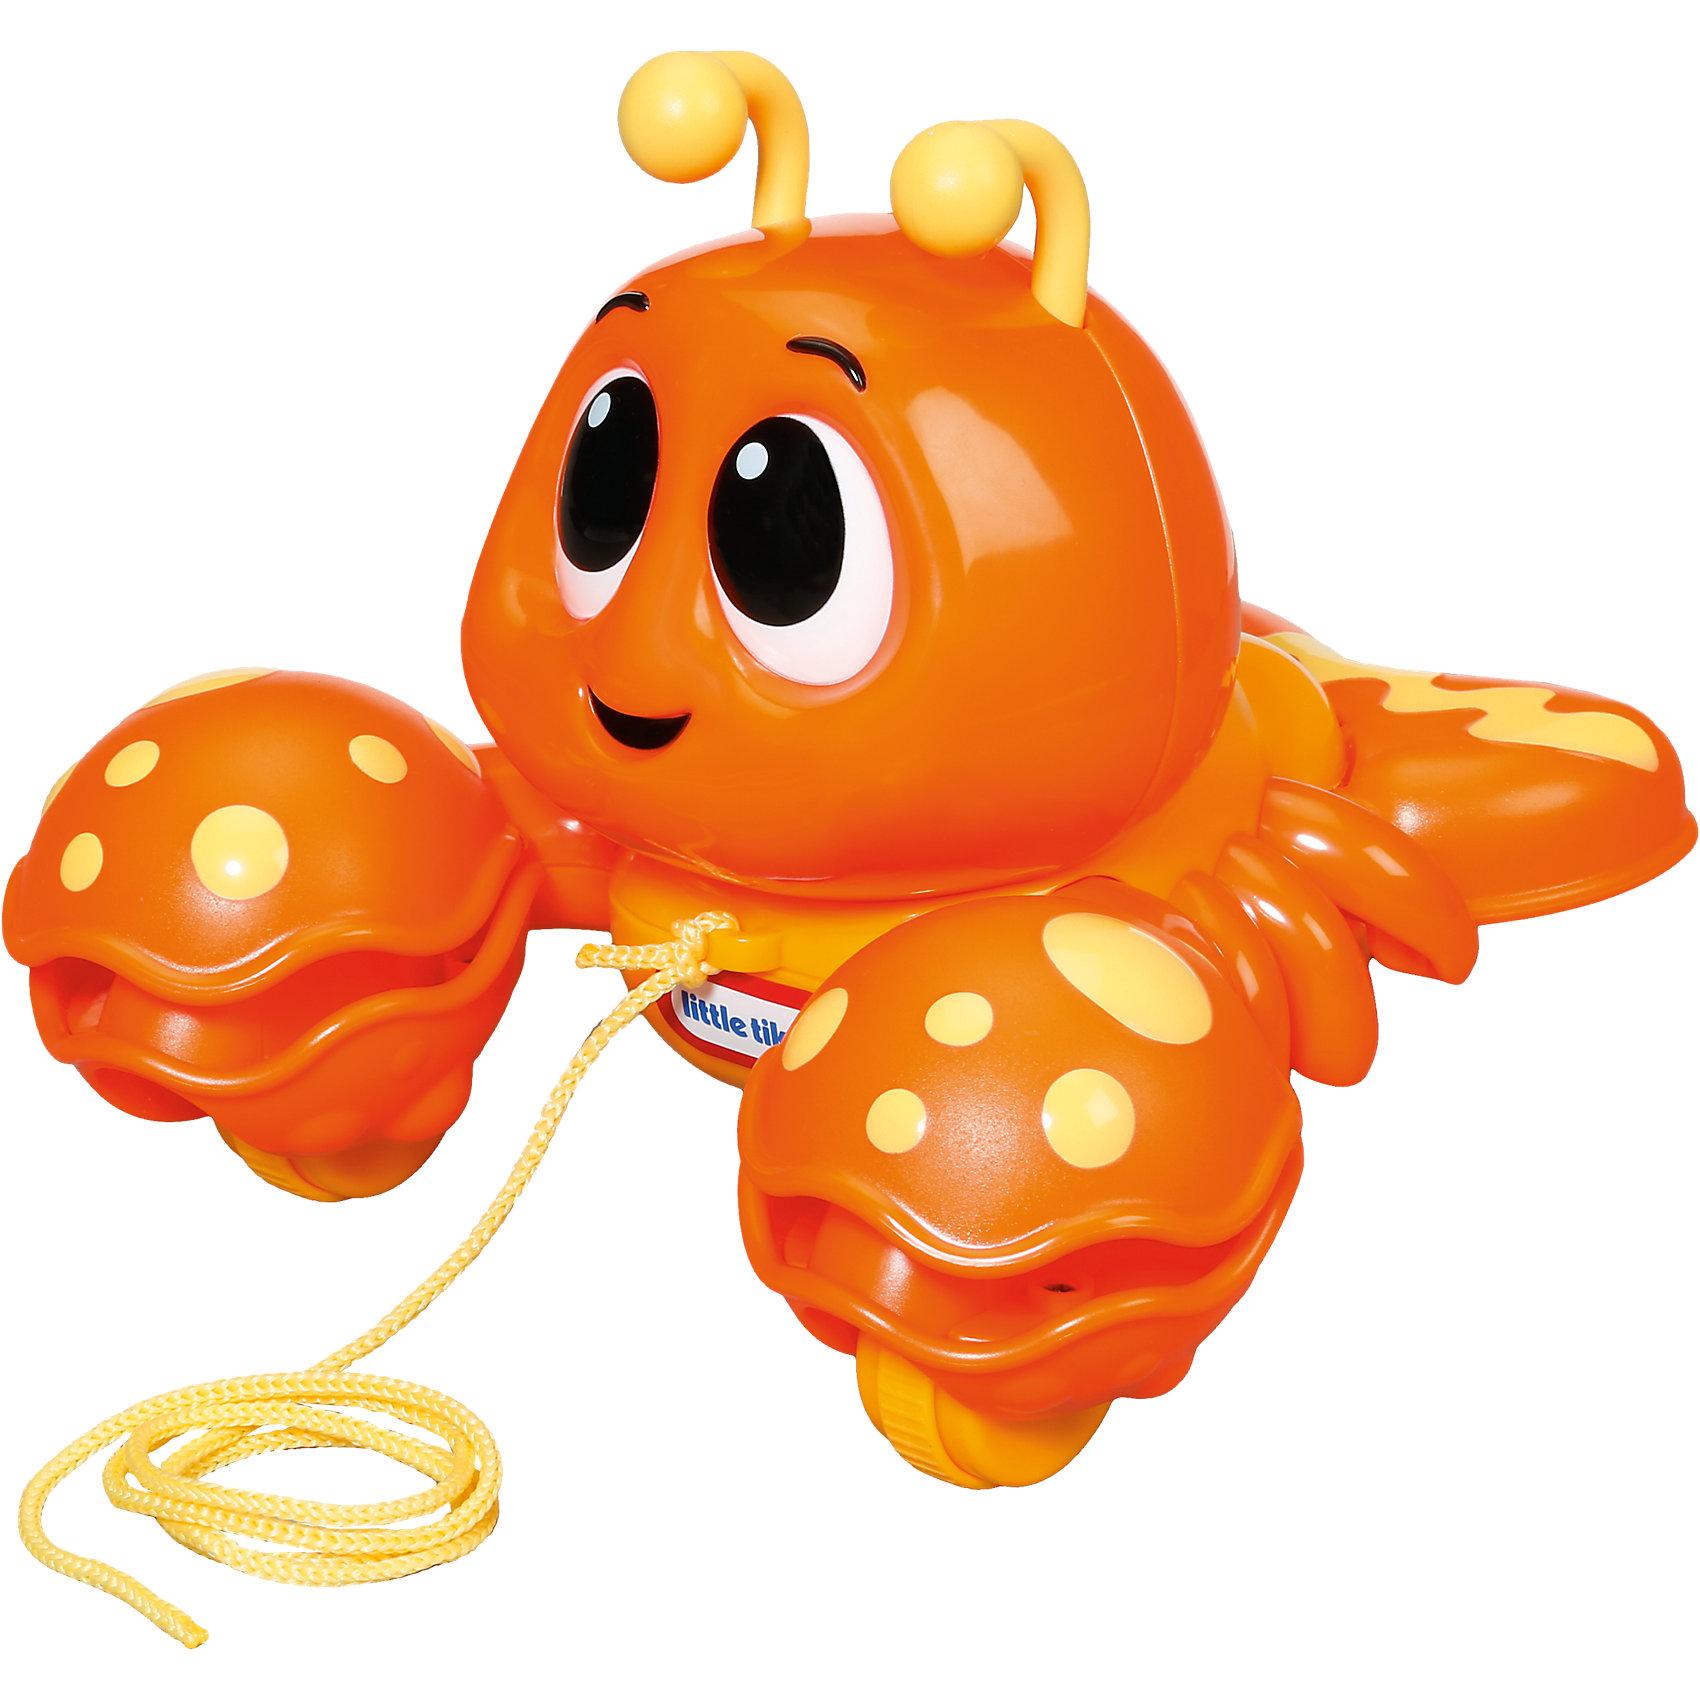 Развивающая игрушка Клацающий лобстер на веревочке, Little TikesРазвивающие игрушки<br>Характеристики товара:<br><br>- цвет: оранжевый;<br>- материал: пластик; <br>- габариты упаковки: 20х25х20 см;<br>- вес: 890 г;<br>- возраст: 1+.<br><br>Каталка – игрушка, которая способствует быстрому развитию двигательных навыков малыша. При перемещении лобстера его клешни издают звук, который привлечет внимание ребенка. Малыш узнает о причинно-следственной связи благодаря игрушке. Лобстер развивает координацию ребенка и улучшает мелкую моторику. Материалы, использованные при изготовлении изделия, абсолютно безопасны и полностью отвечают международным требованиям по качеству детских товаров.<br><br>Развивающую игрушку Клацающий лобстер на веревочке от бренда Little Tikes можно купить в нашем интернет-магазине.<br><br>Ширина мм: 261<br>Глубина мм: 210<br>Высота мм: 205<br>Вес г: 570<br>Возраст от месяцев: 9<br>Возраст до месяцев: 24<br>Пол: Унисекс<br>Возраст: Детский<br>SKU: 4143735